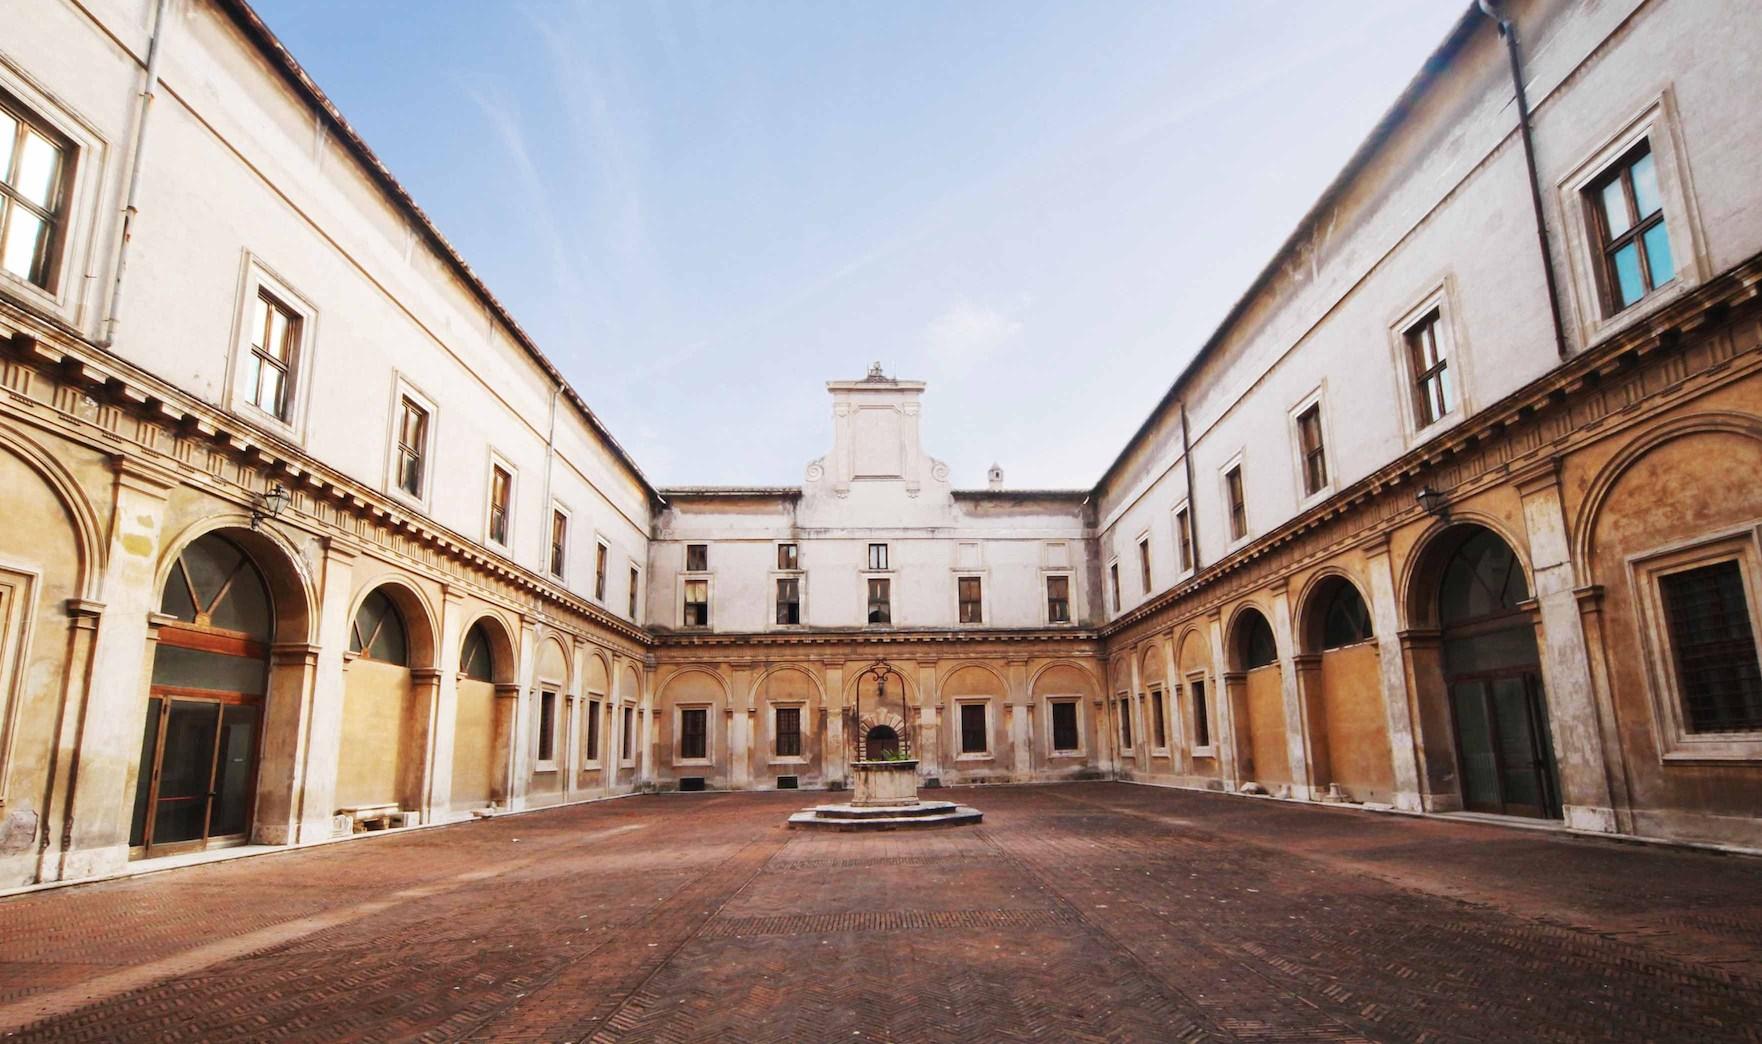 La Link Campus University lancia il primo Master italiano in Blockchain ed economia delle criptovalute - La Link Campus University lancia il primo Master italiano in Blockchain ed economia delle criptovalute